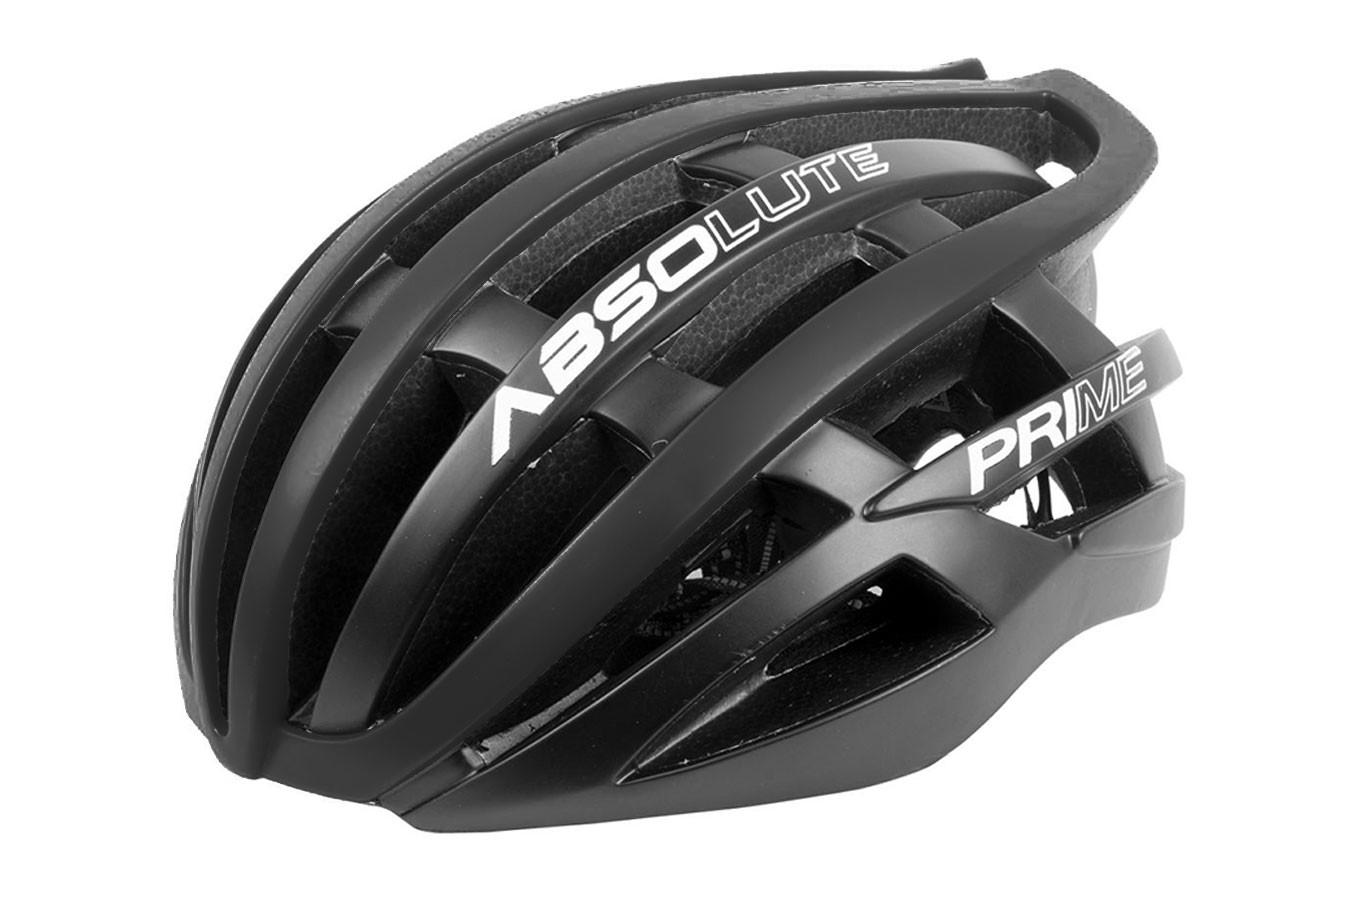 Capacete Ciclista Prime cinza escuro - Absolute